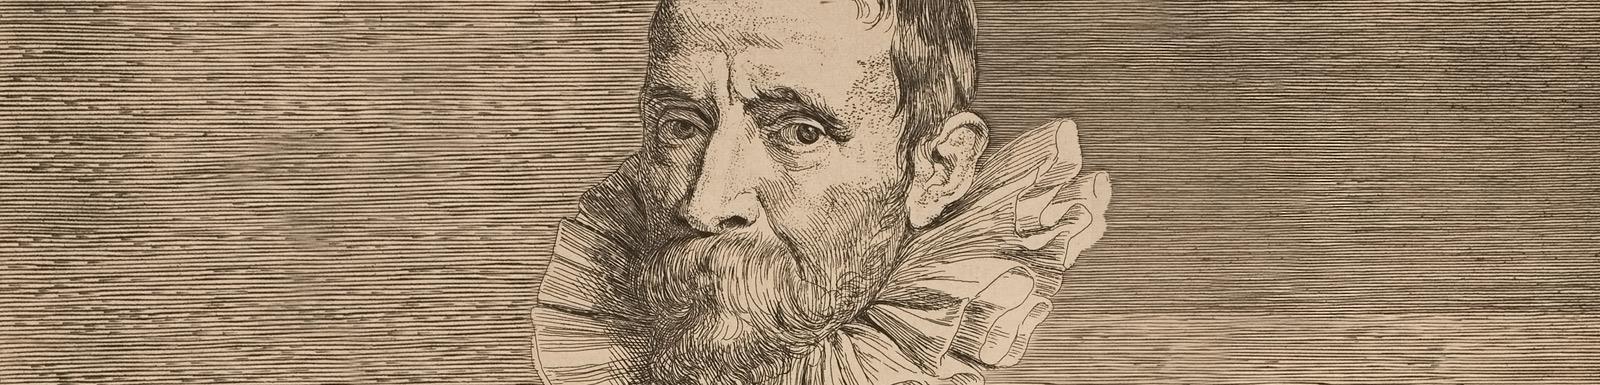 Brueghel el Joven, Jan